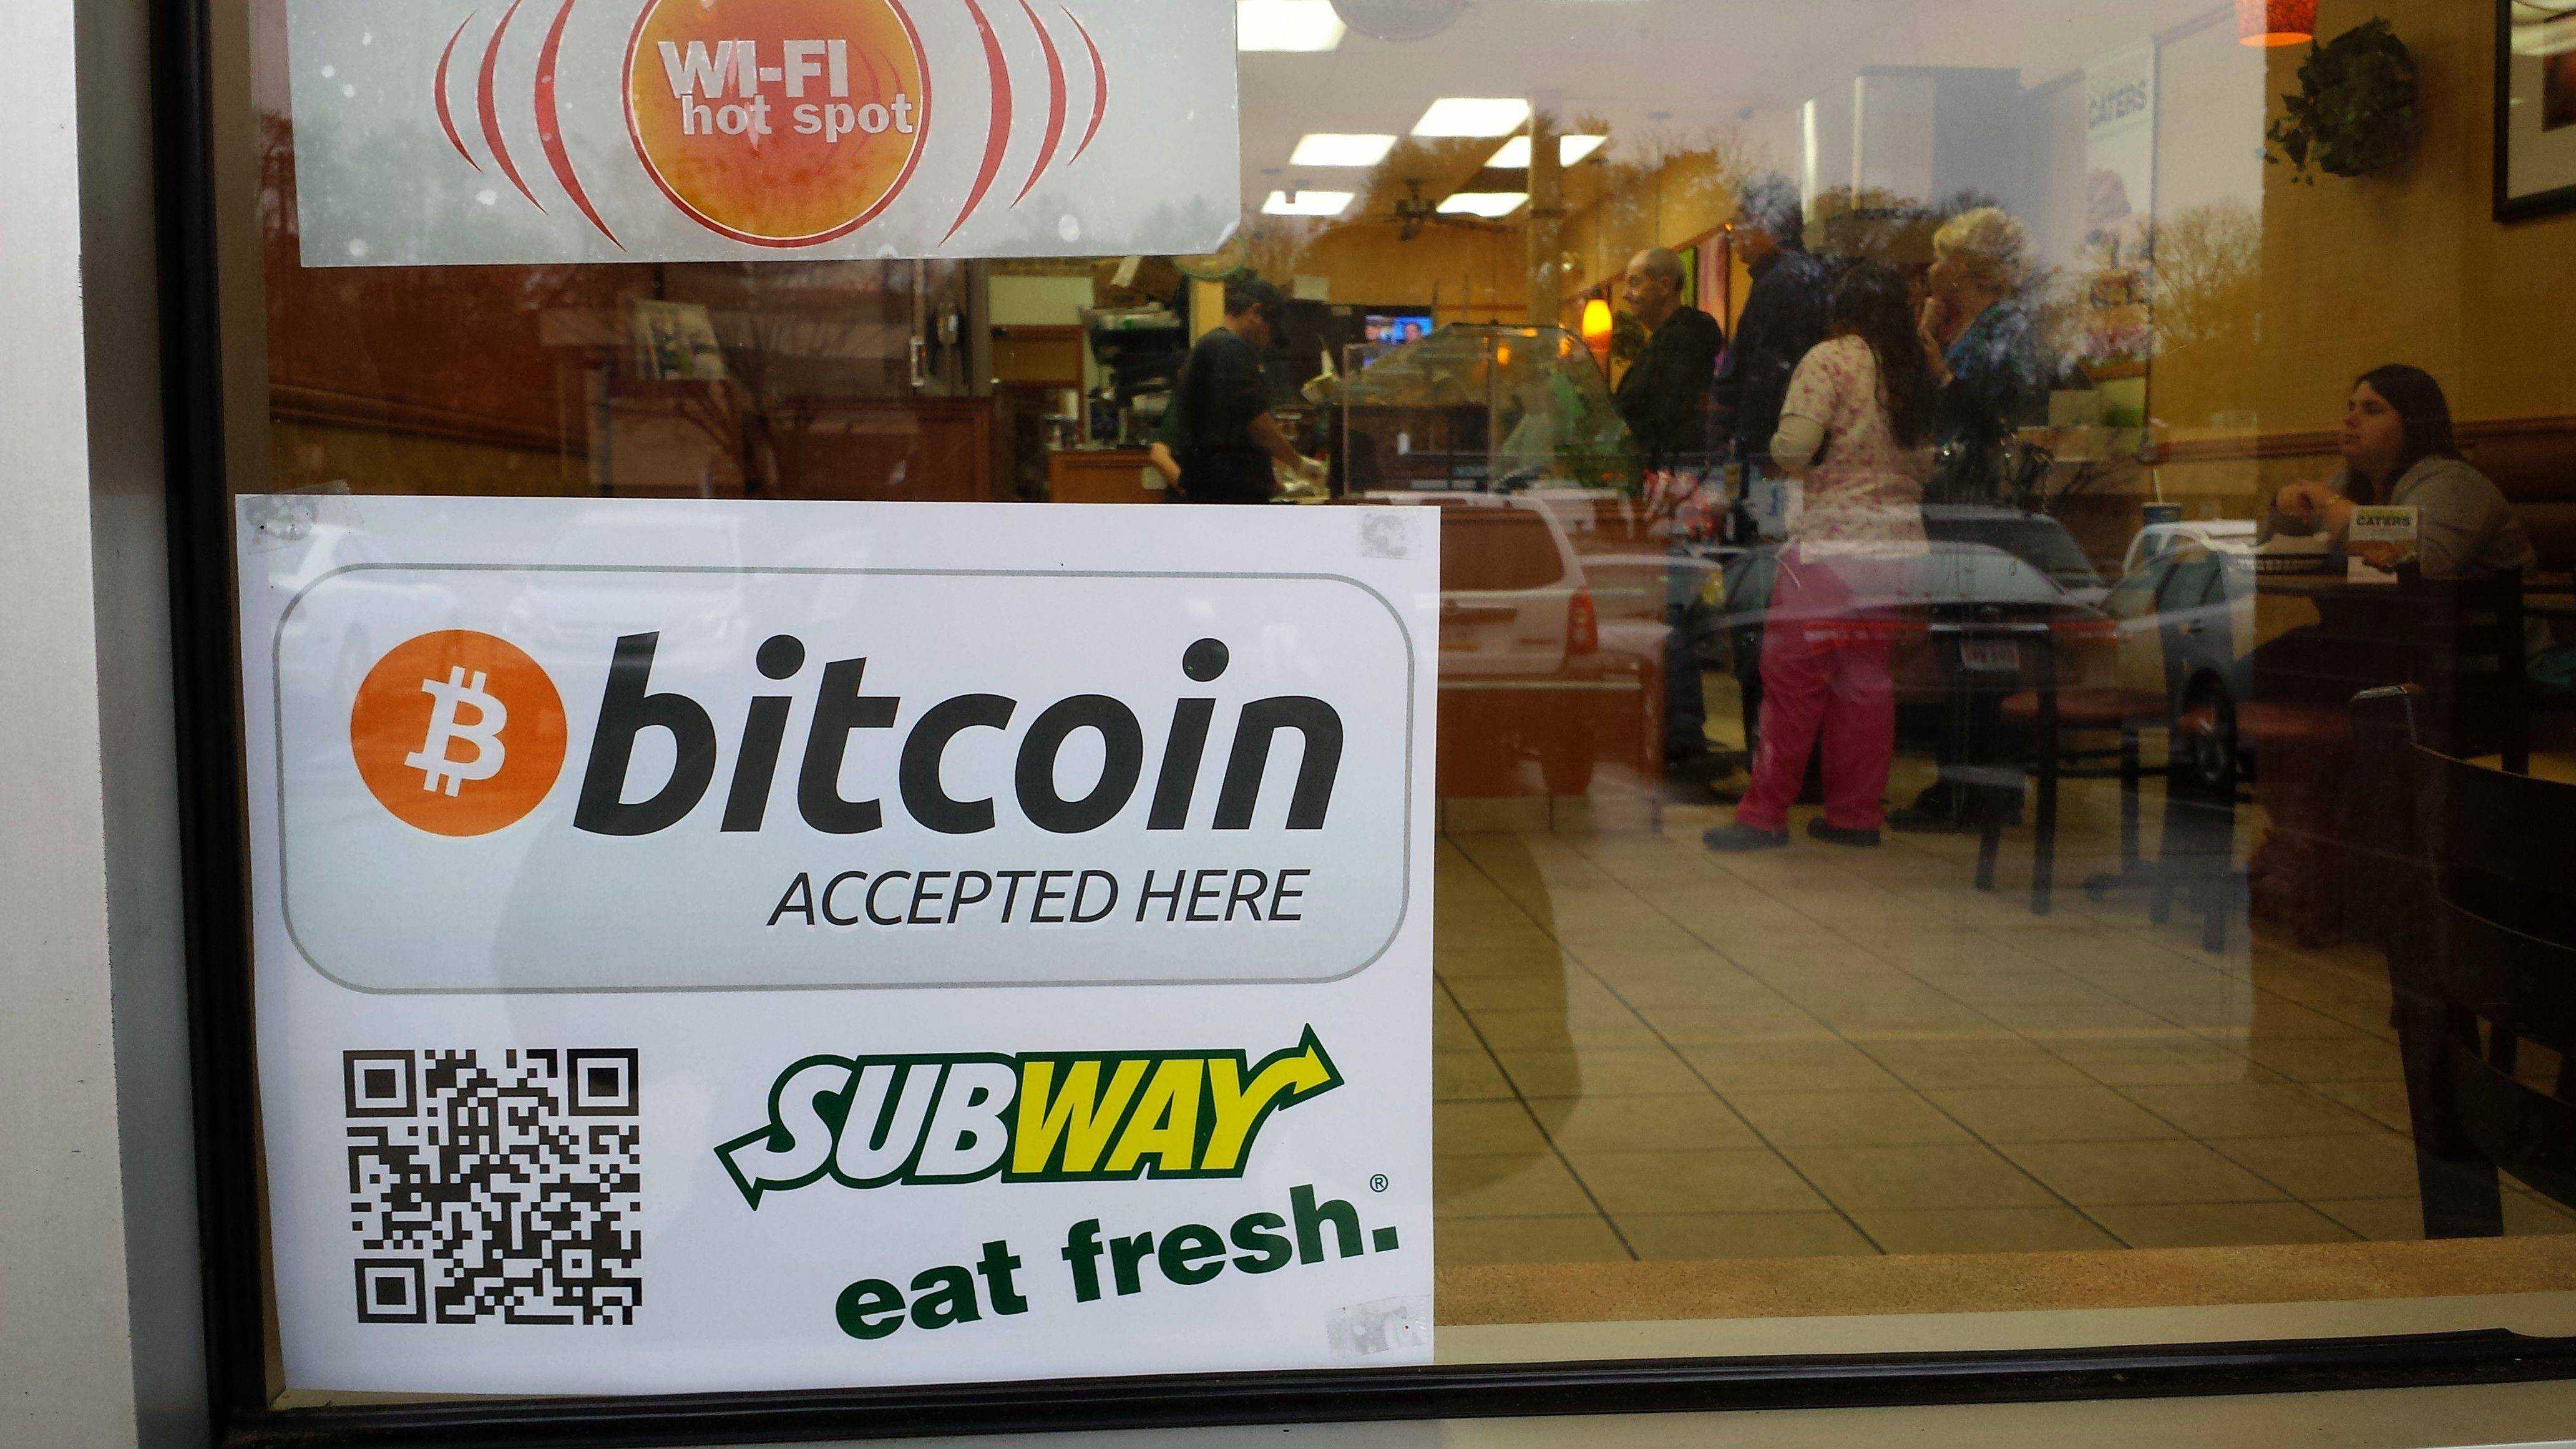 apakah bitcoin dilarang di indonesia cara terbaik untuk memperdagangkan opsi s & p